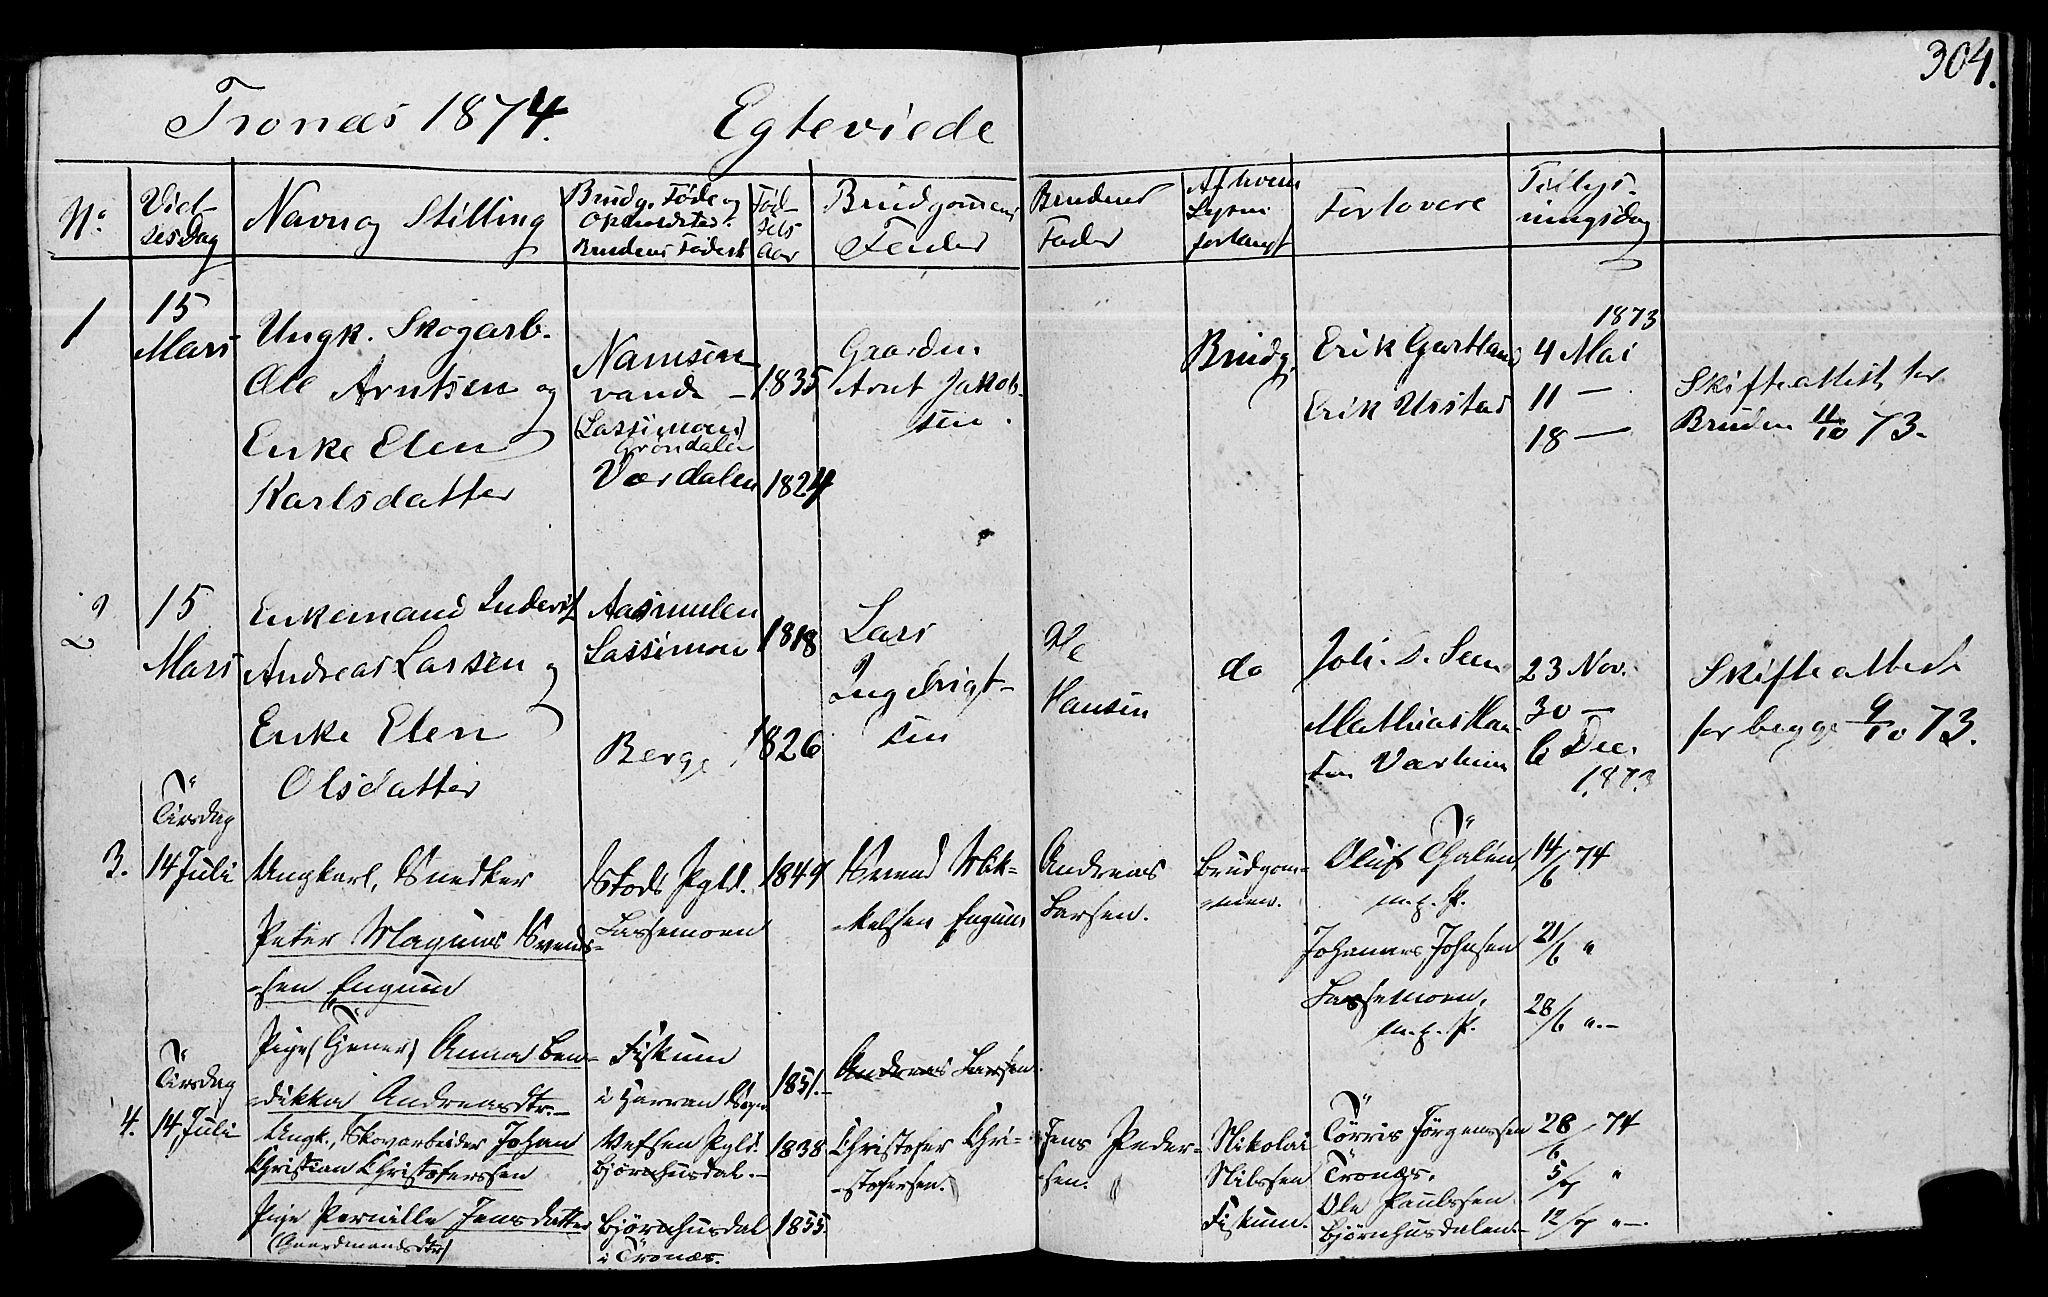 SAT, Ministerialprotokoller, klokkerbøker og fødselsregistre - Nord-Trøndelag, 762/L0538: Ministerialbok nr. 762A02 /2, 1833-1879, s. 304